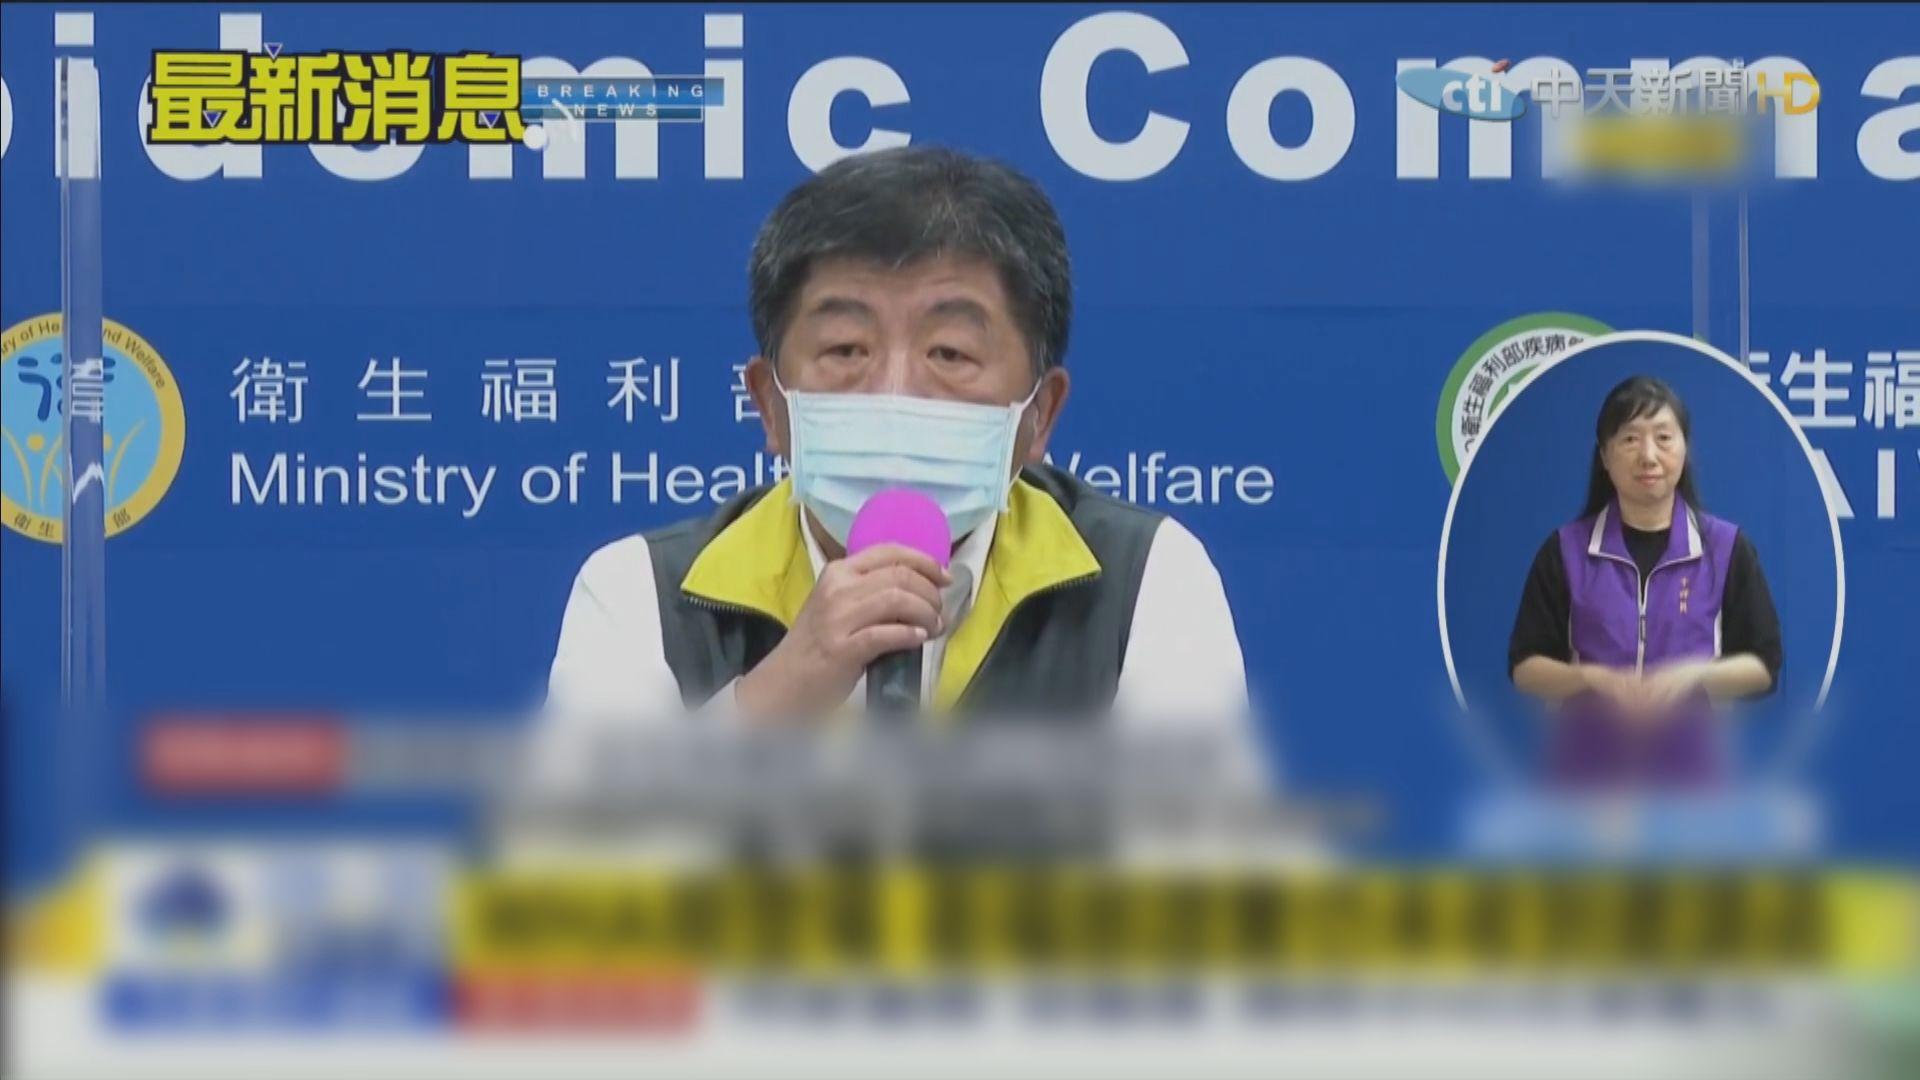 台灣稱仍未收到世界衛生大會邀請函